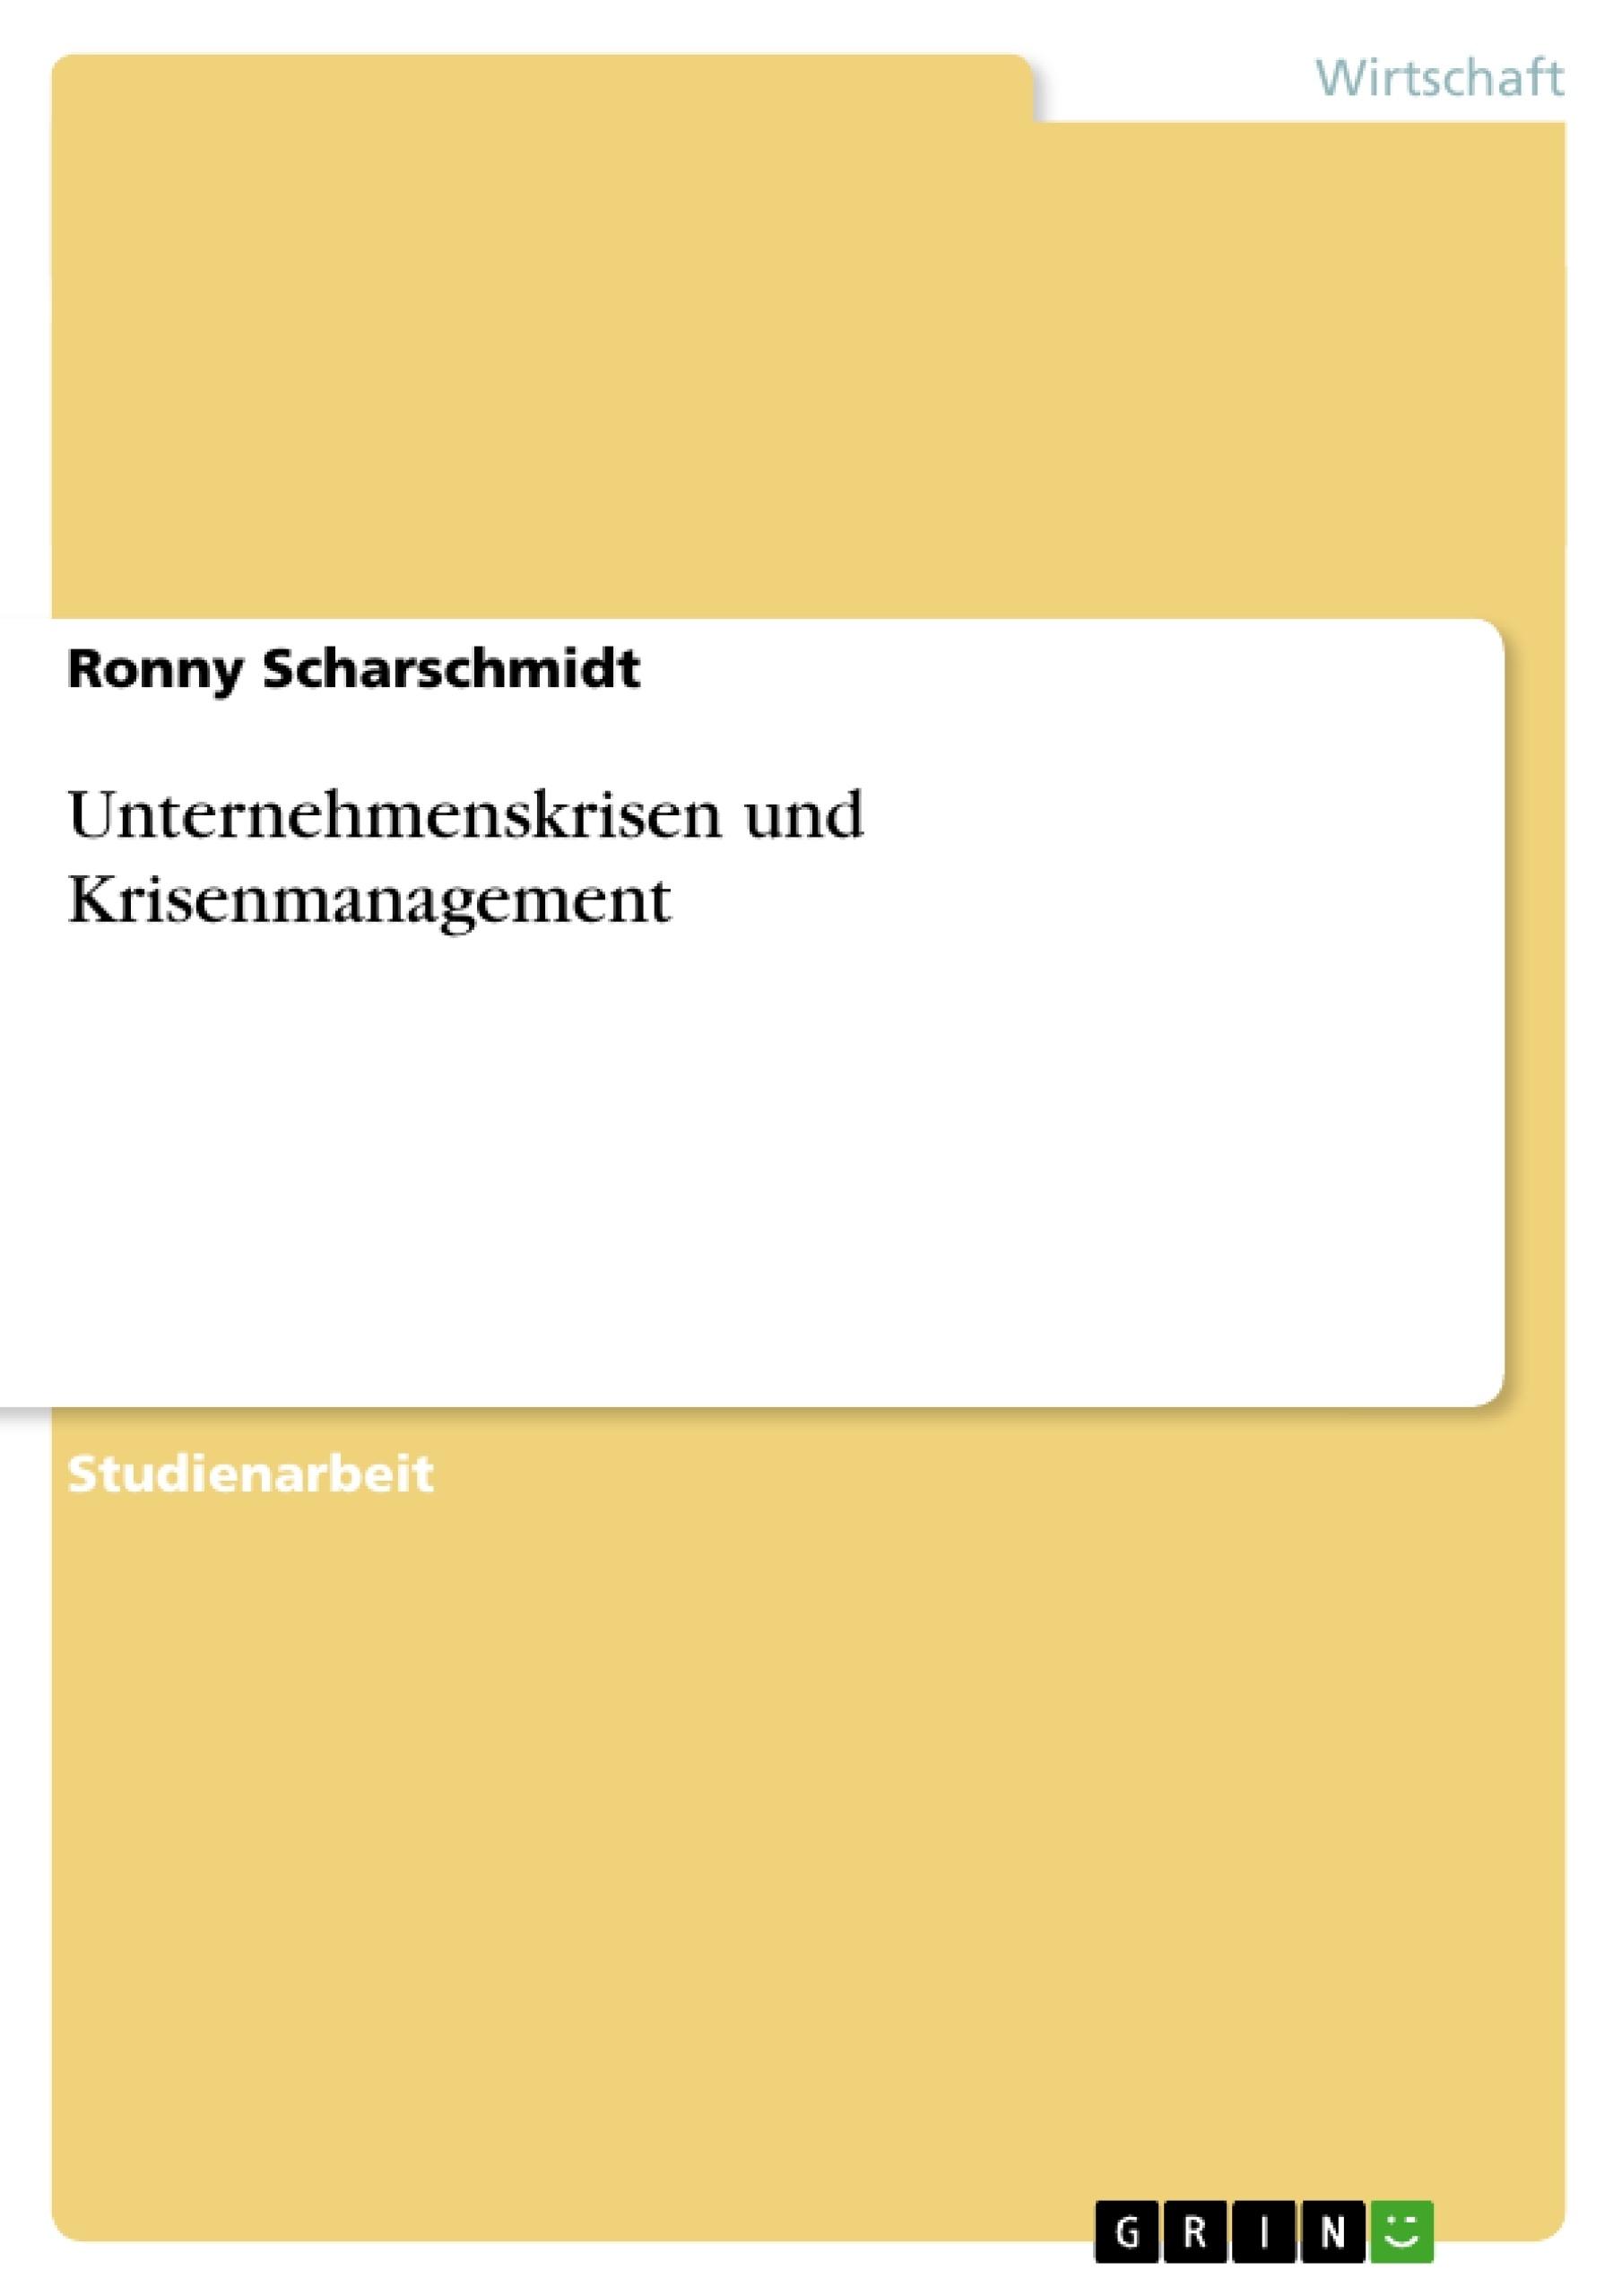 Titel: Unternehmenskrisen und Krisenmanagement